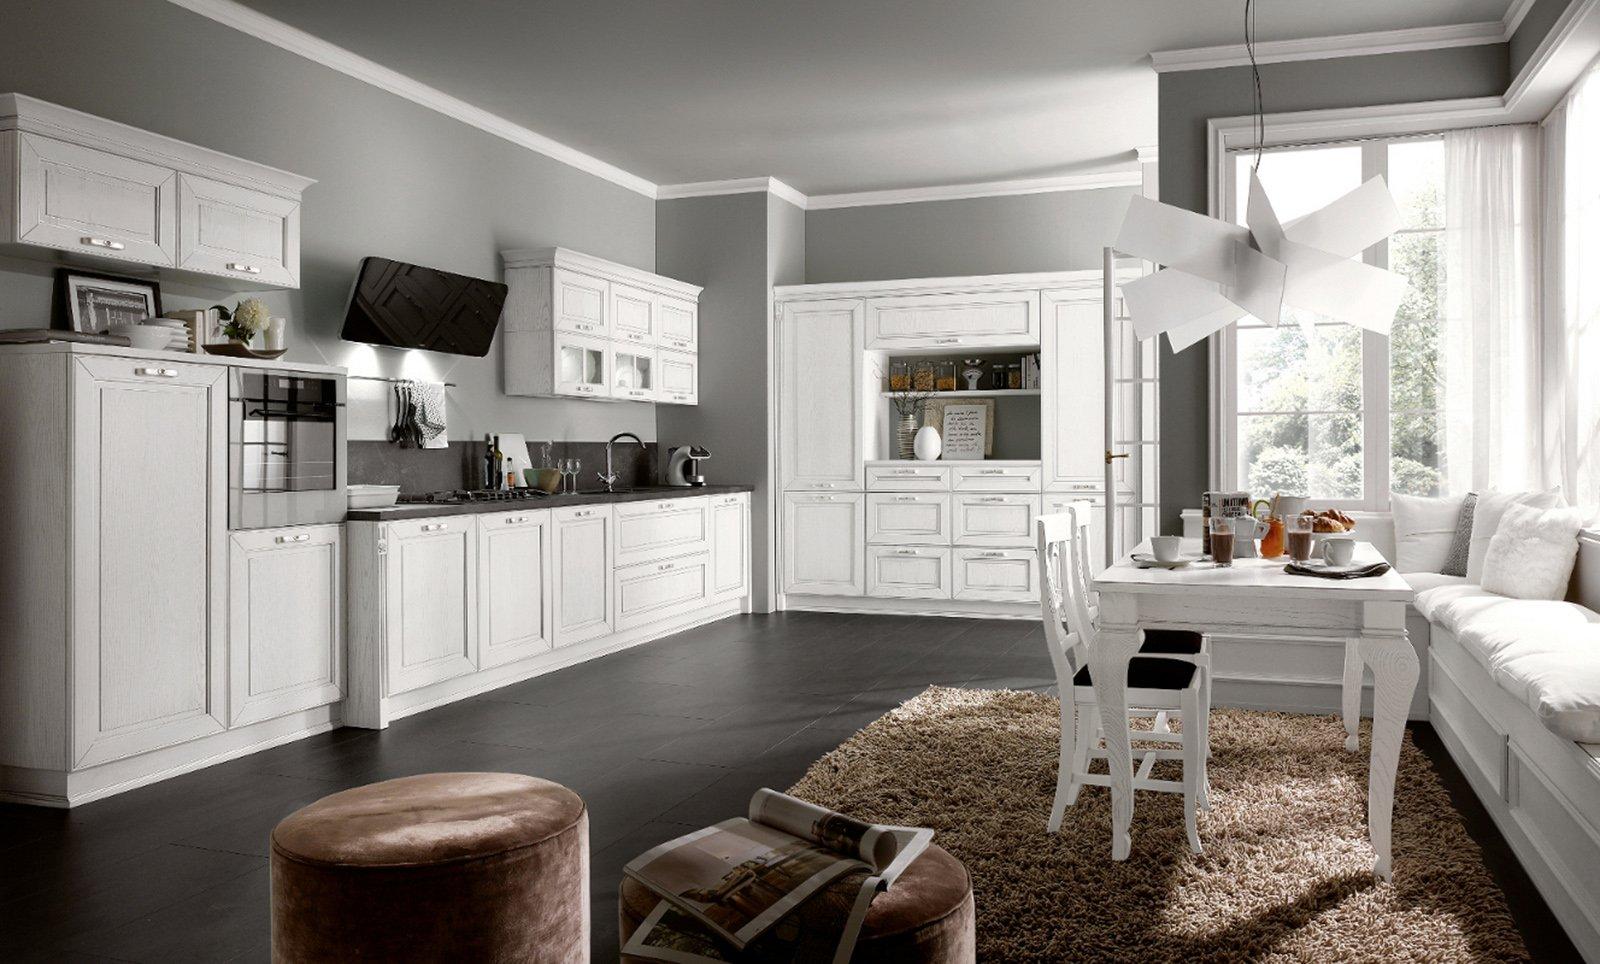 Nuove cucine con maniglia protagonista cose di casa for Nuove case in stile cottage